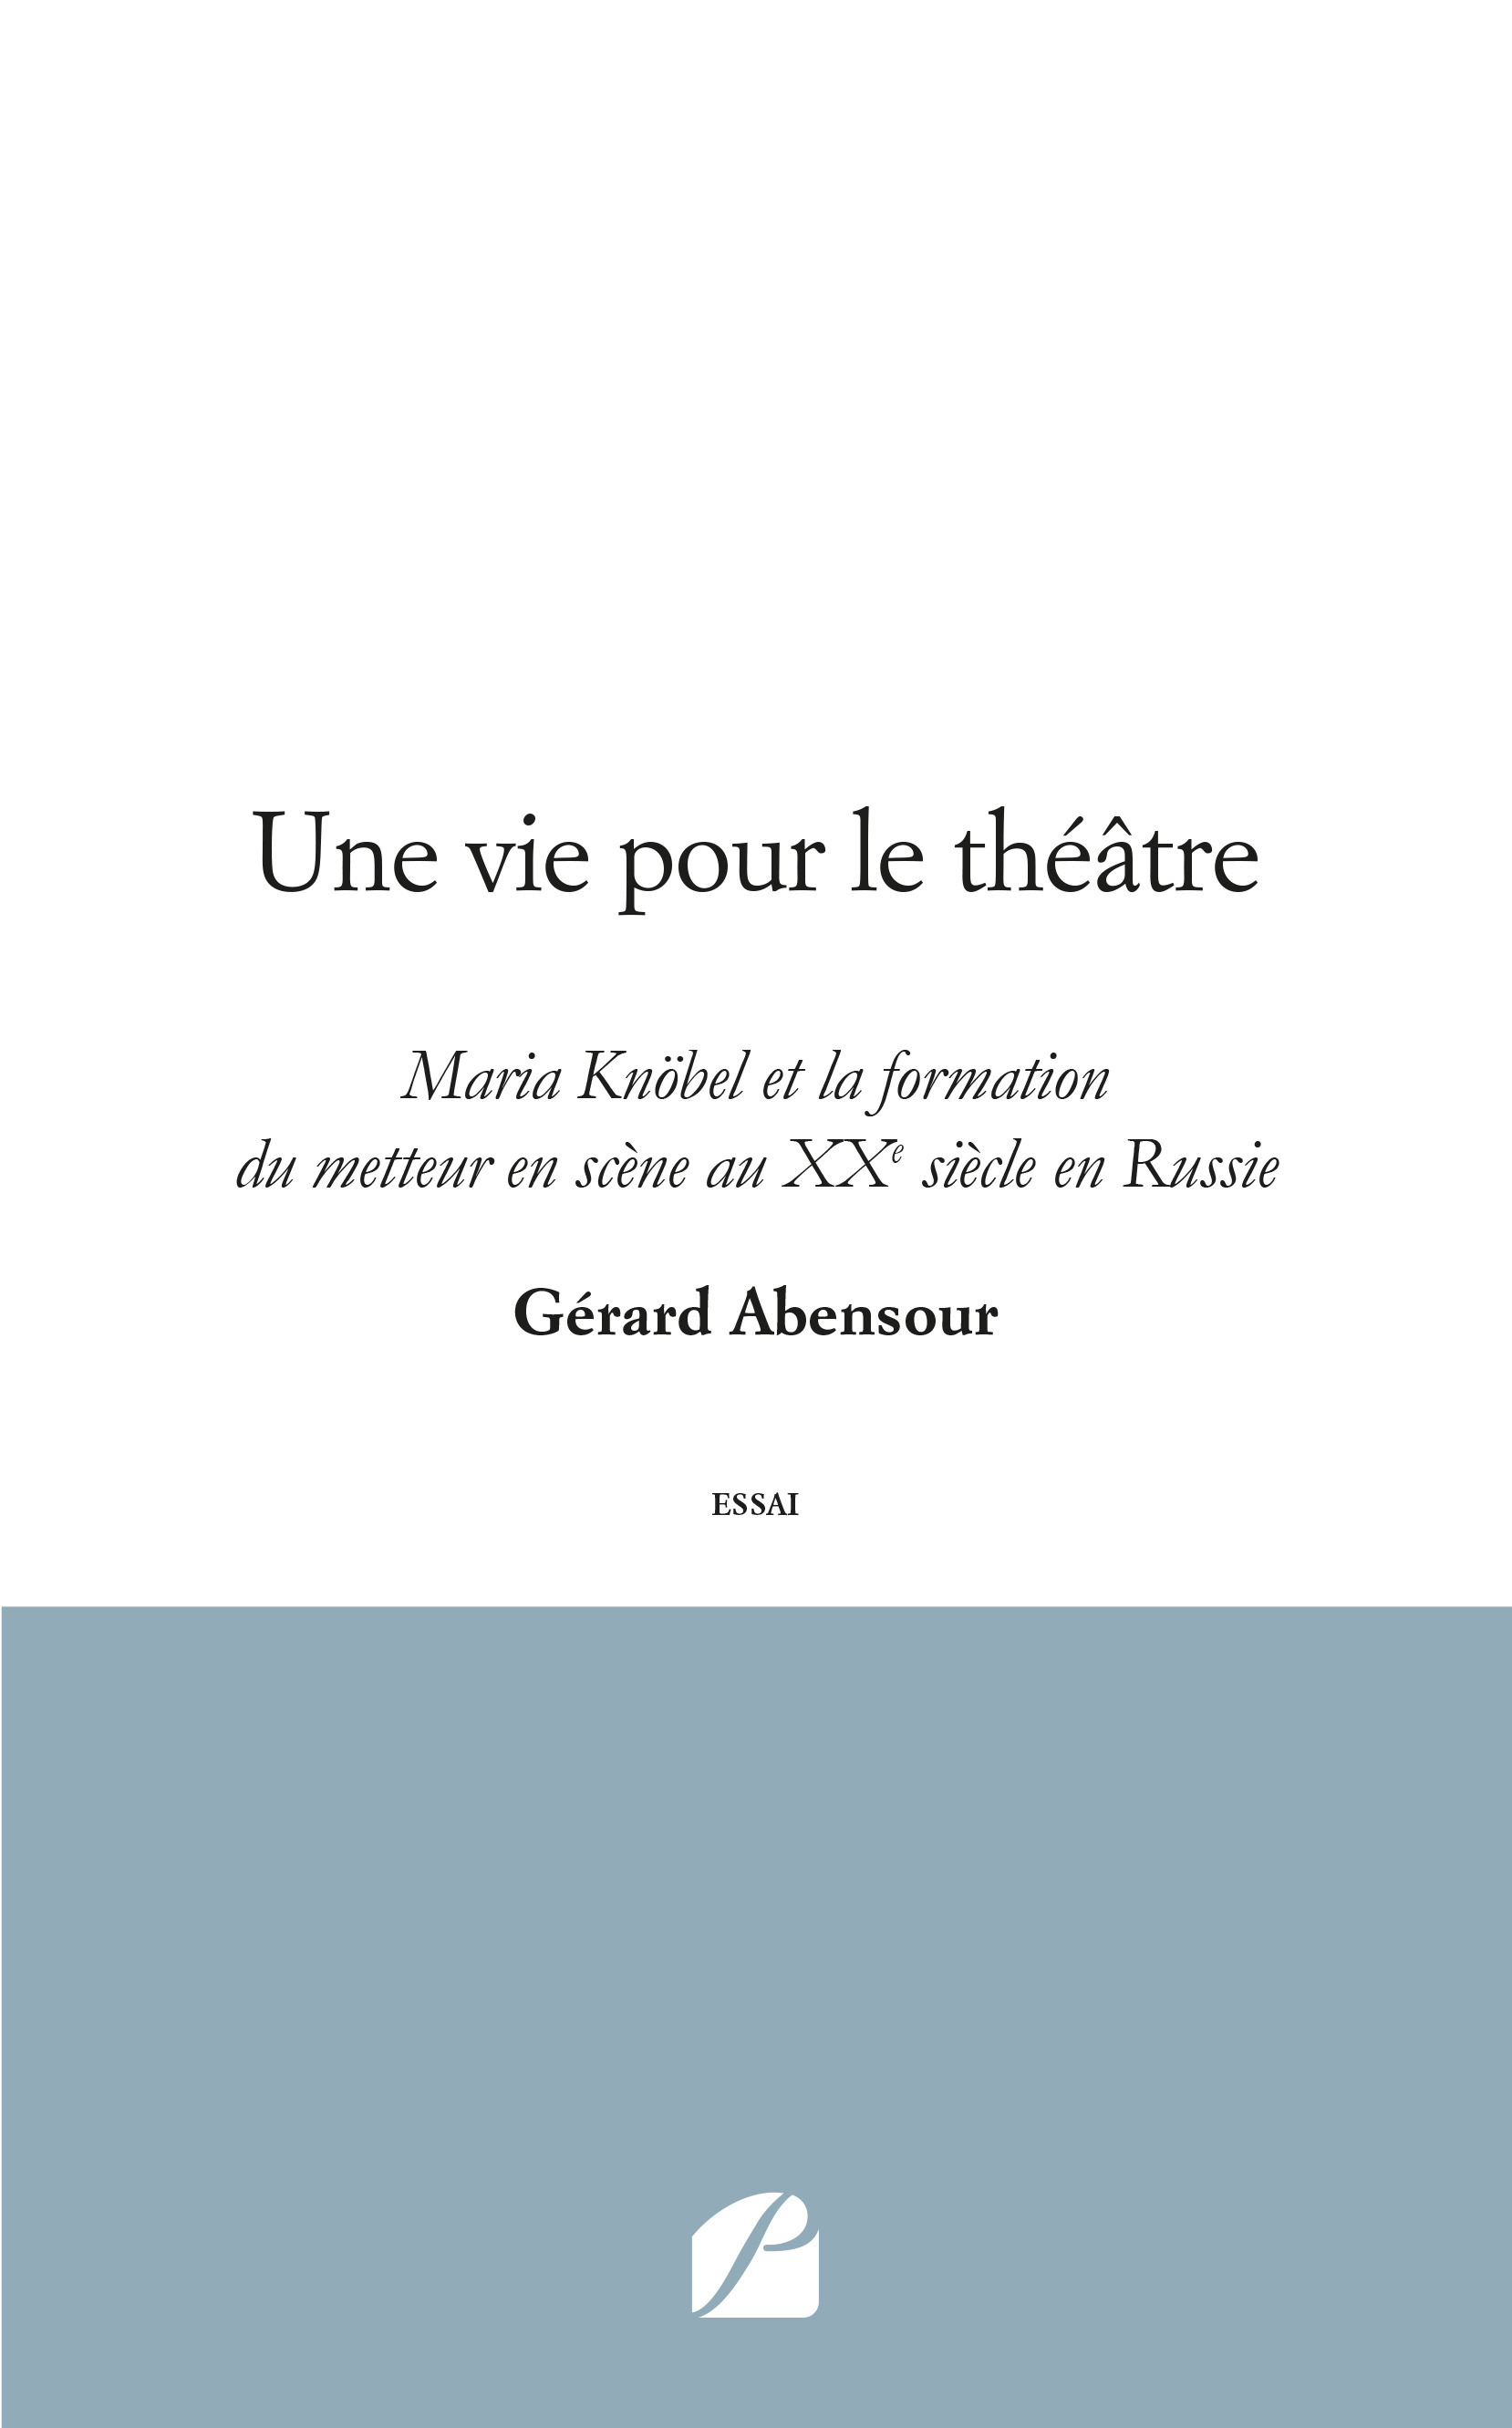 Une vie pour le théâtre ; Maria Knöbel et la formation du metteur en scène au XXe siècle en Russie